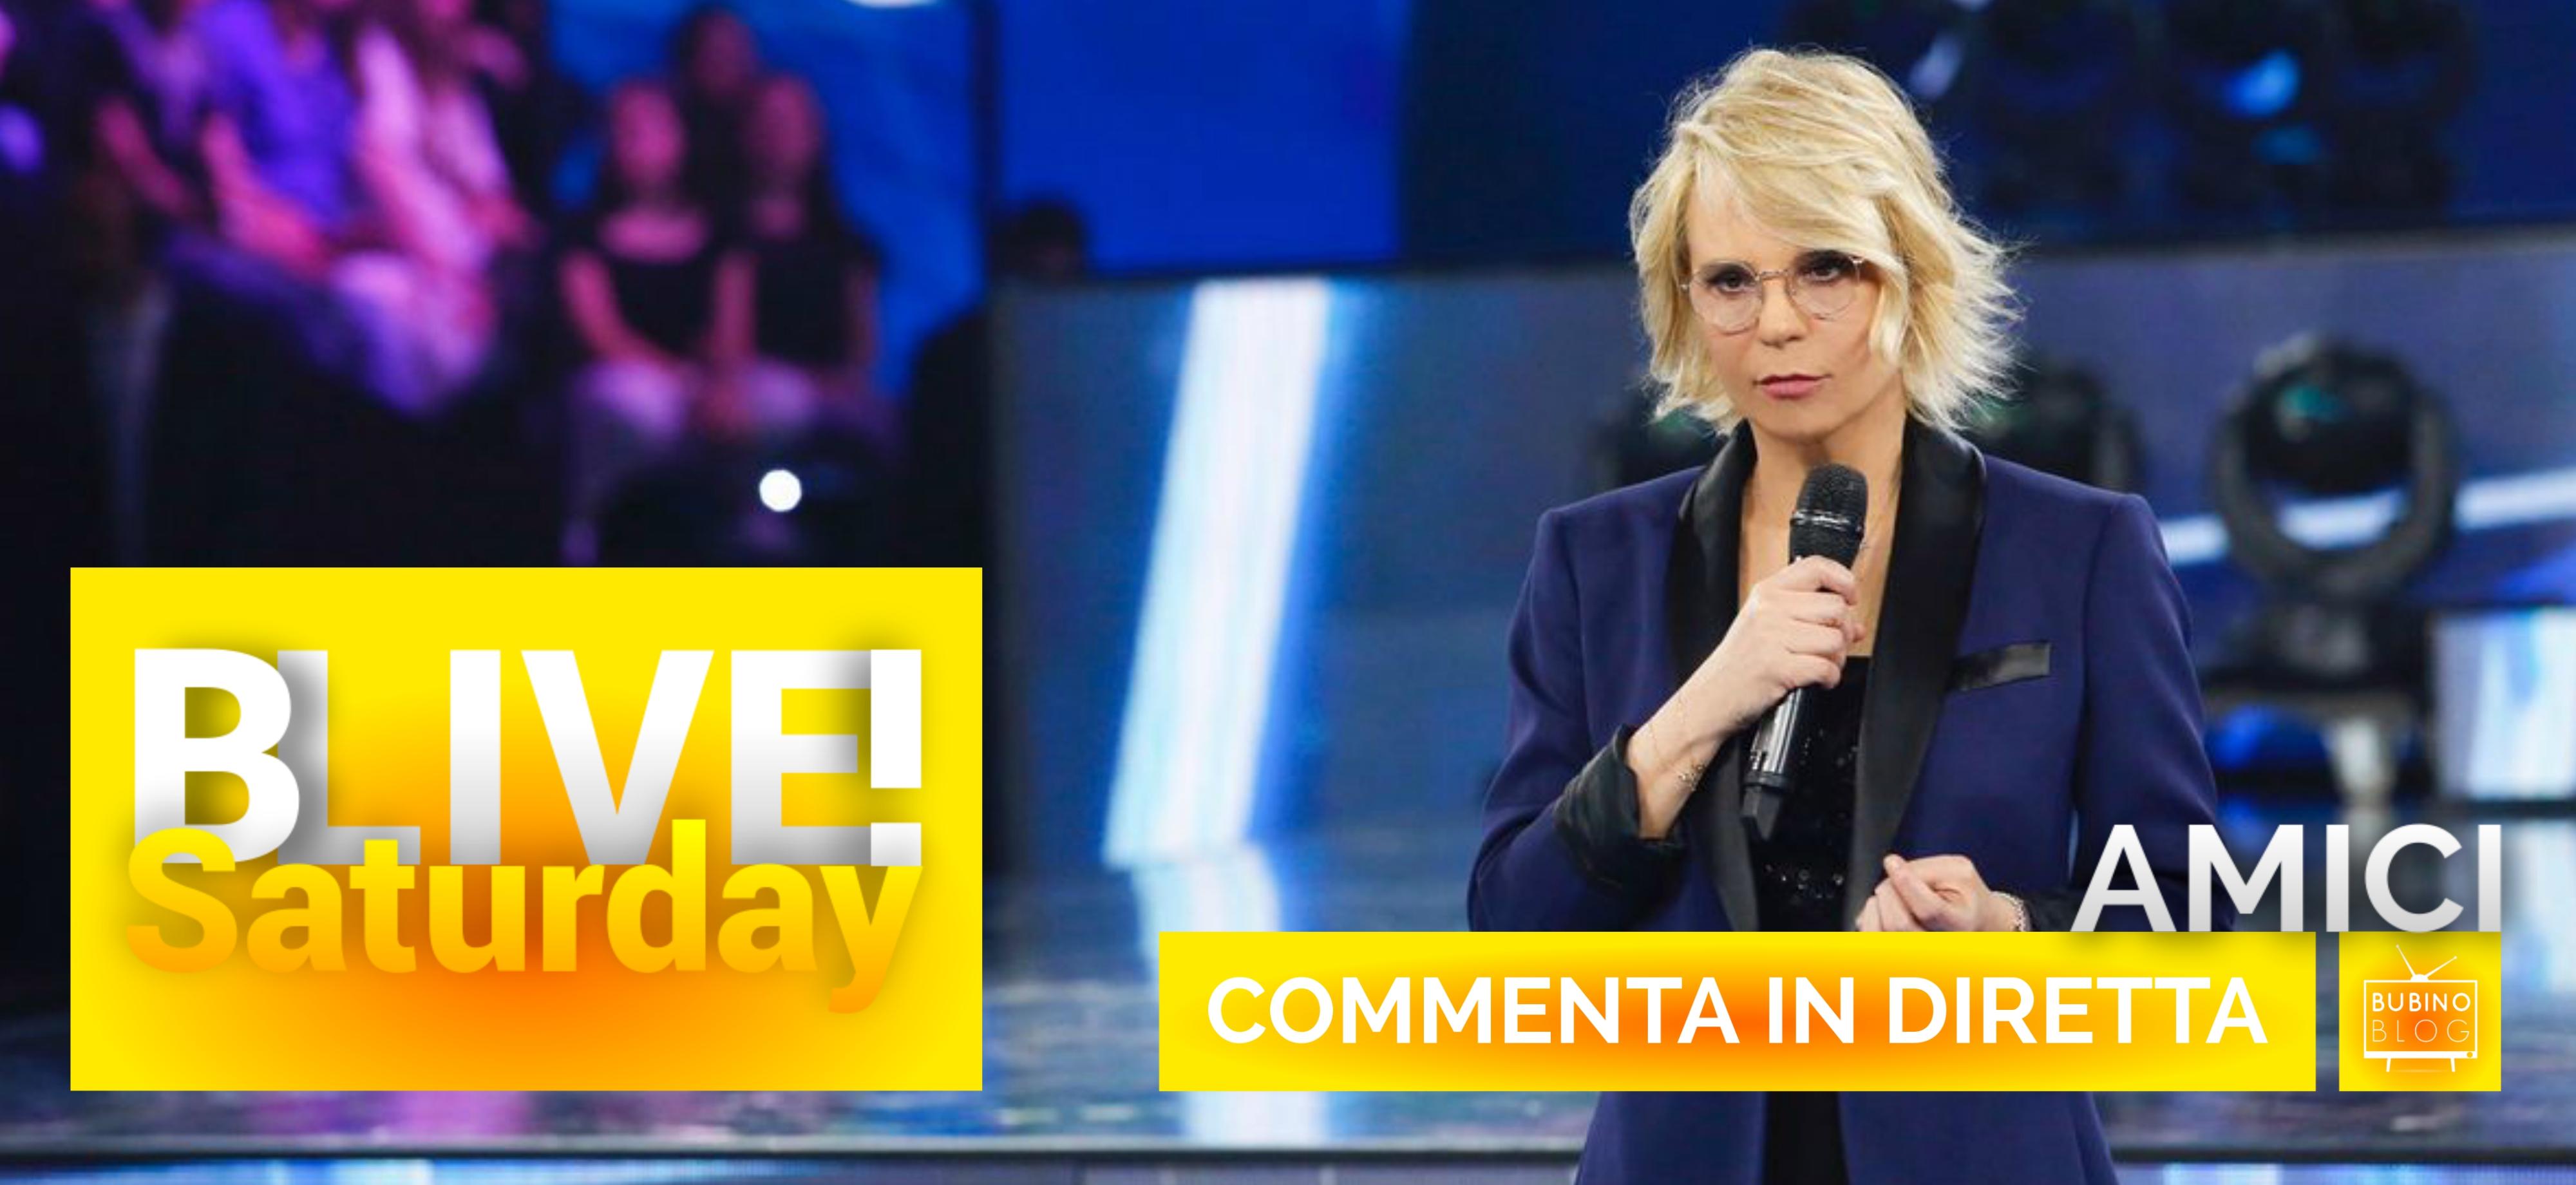 BLIVE!SATURDAY | 13 APRILE 2019 | COMMENTA IN DIRETTA LA TERZA PUNTATA DELLA 18ª EDIZIONE DI #AMICI18 (CANALE5)